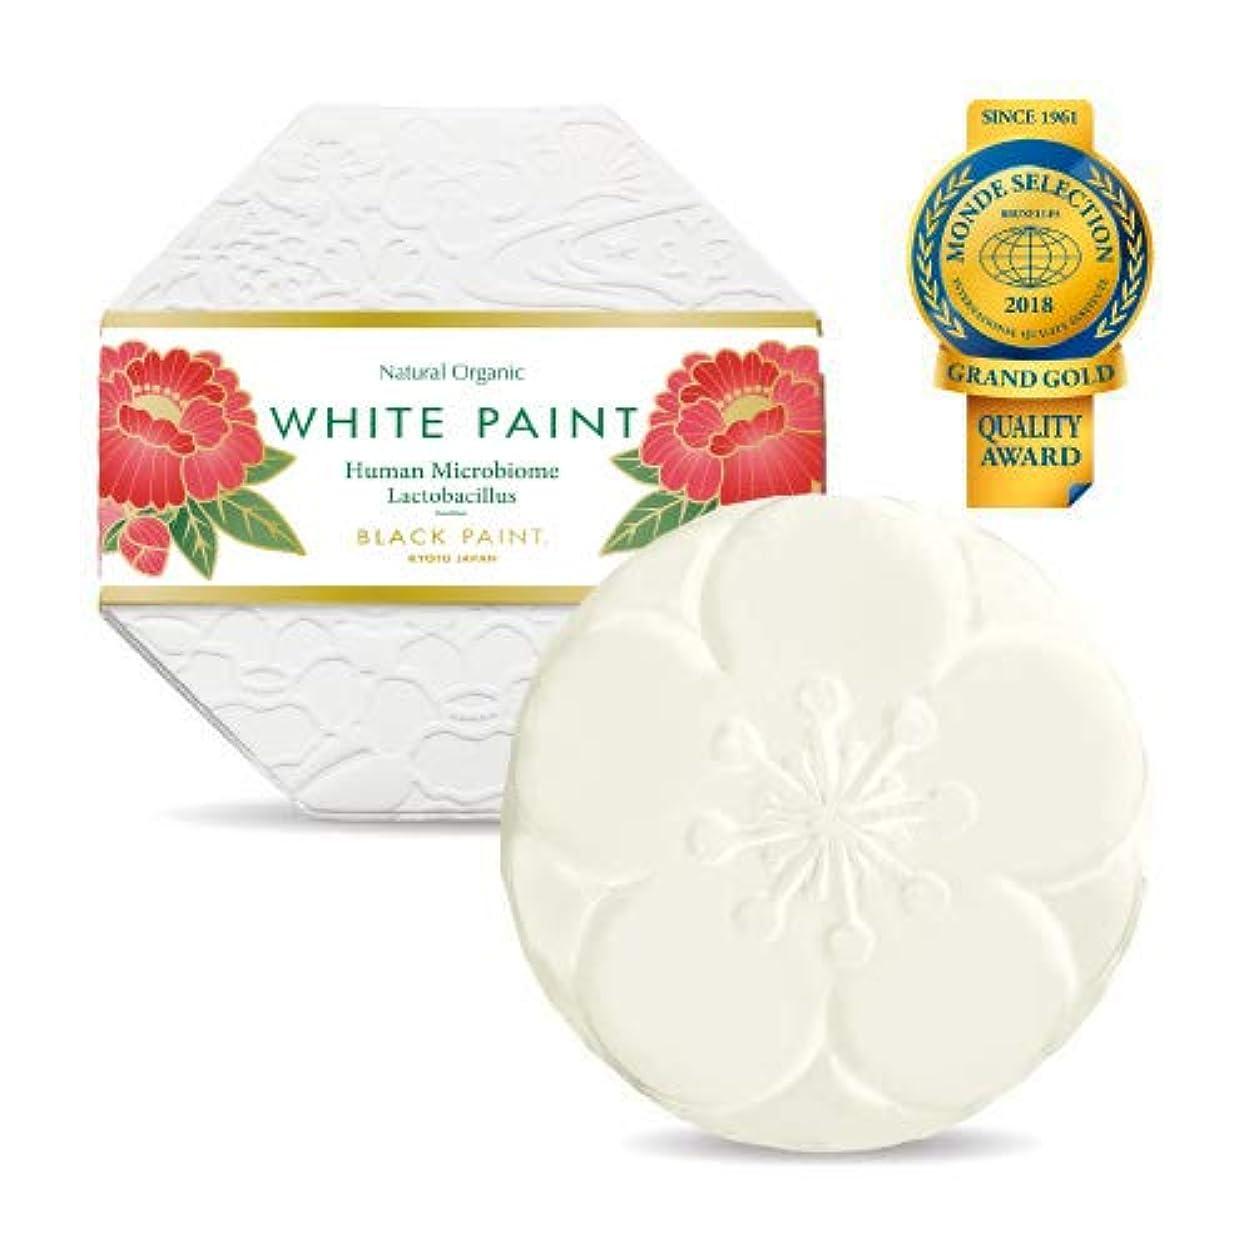 ターミナルきつくなかなかプレミアム ホワイトペイント 120g 塗る洗顔 石鹸 無添加 国産 …